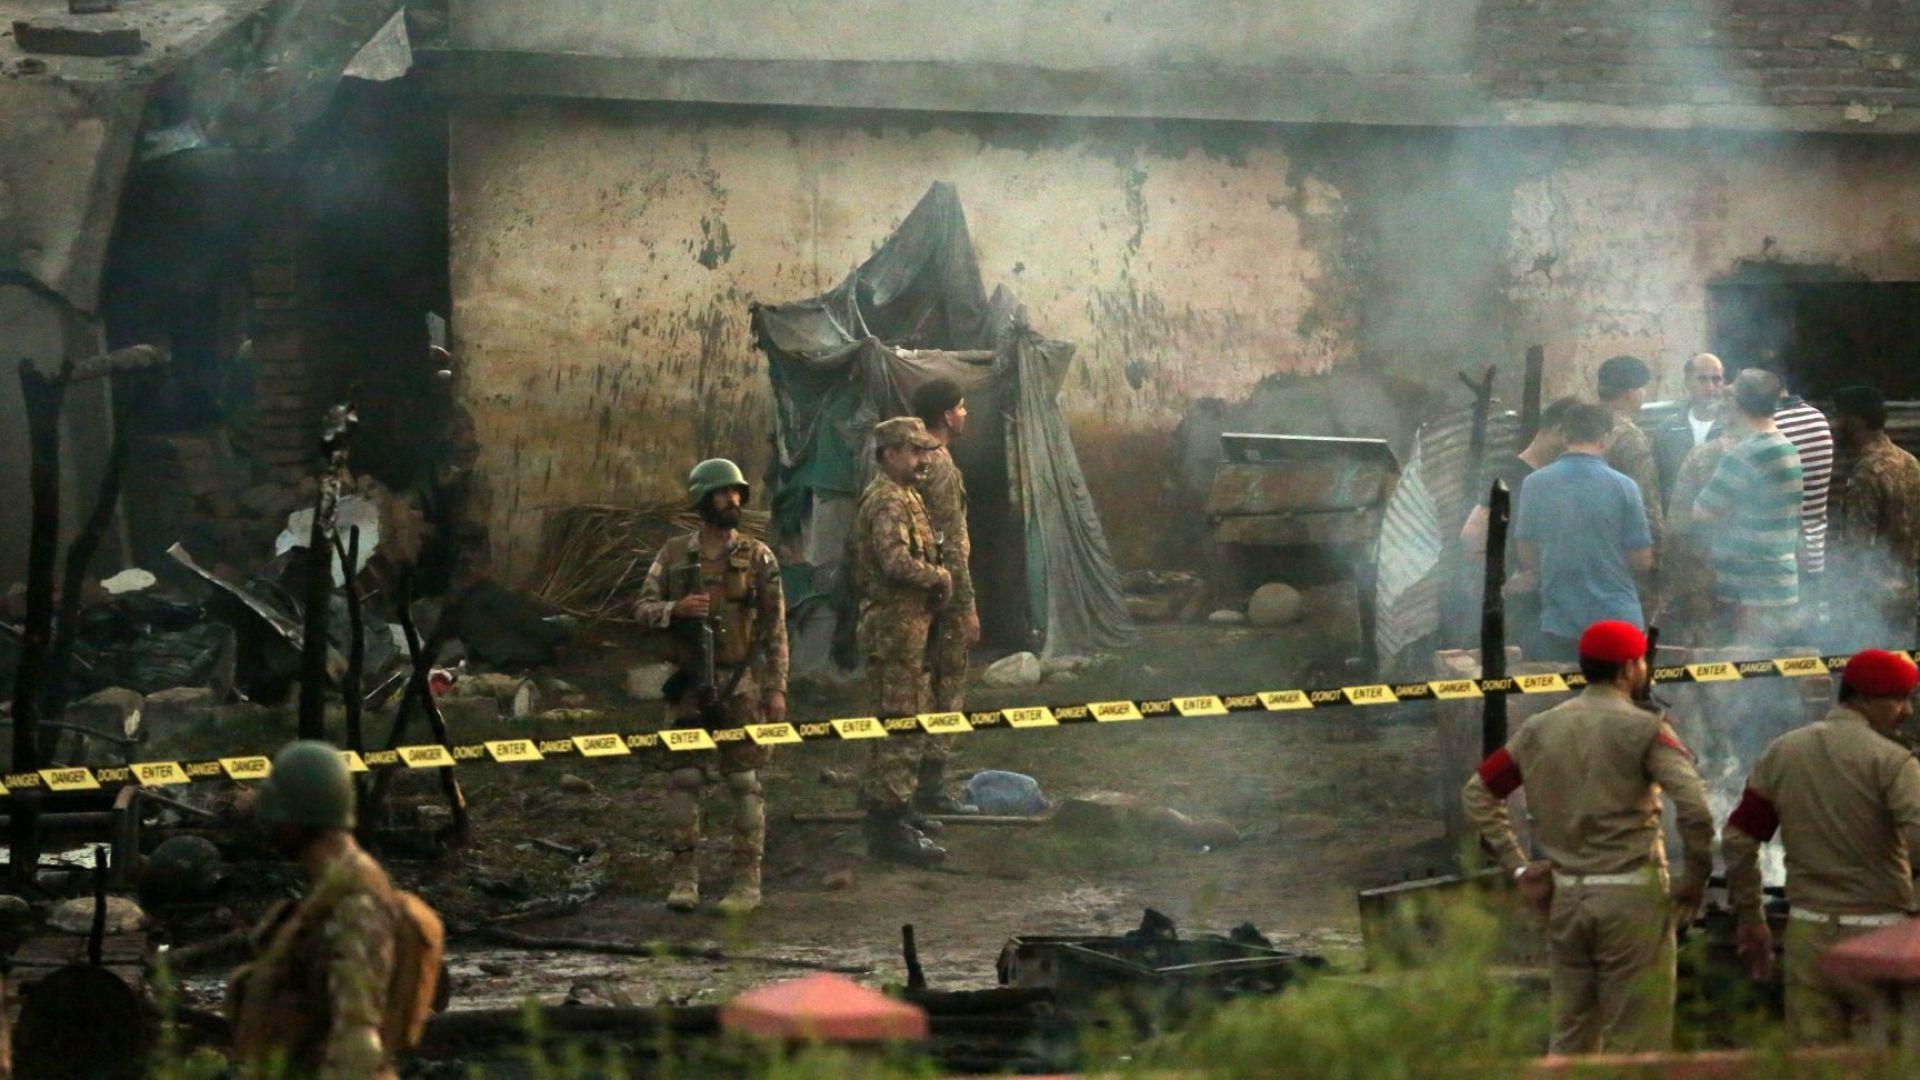 Самолет се разби в жилищен район в Пакистан, поне 17 загинали и 20 ранени (снимки)